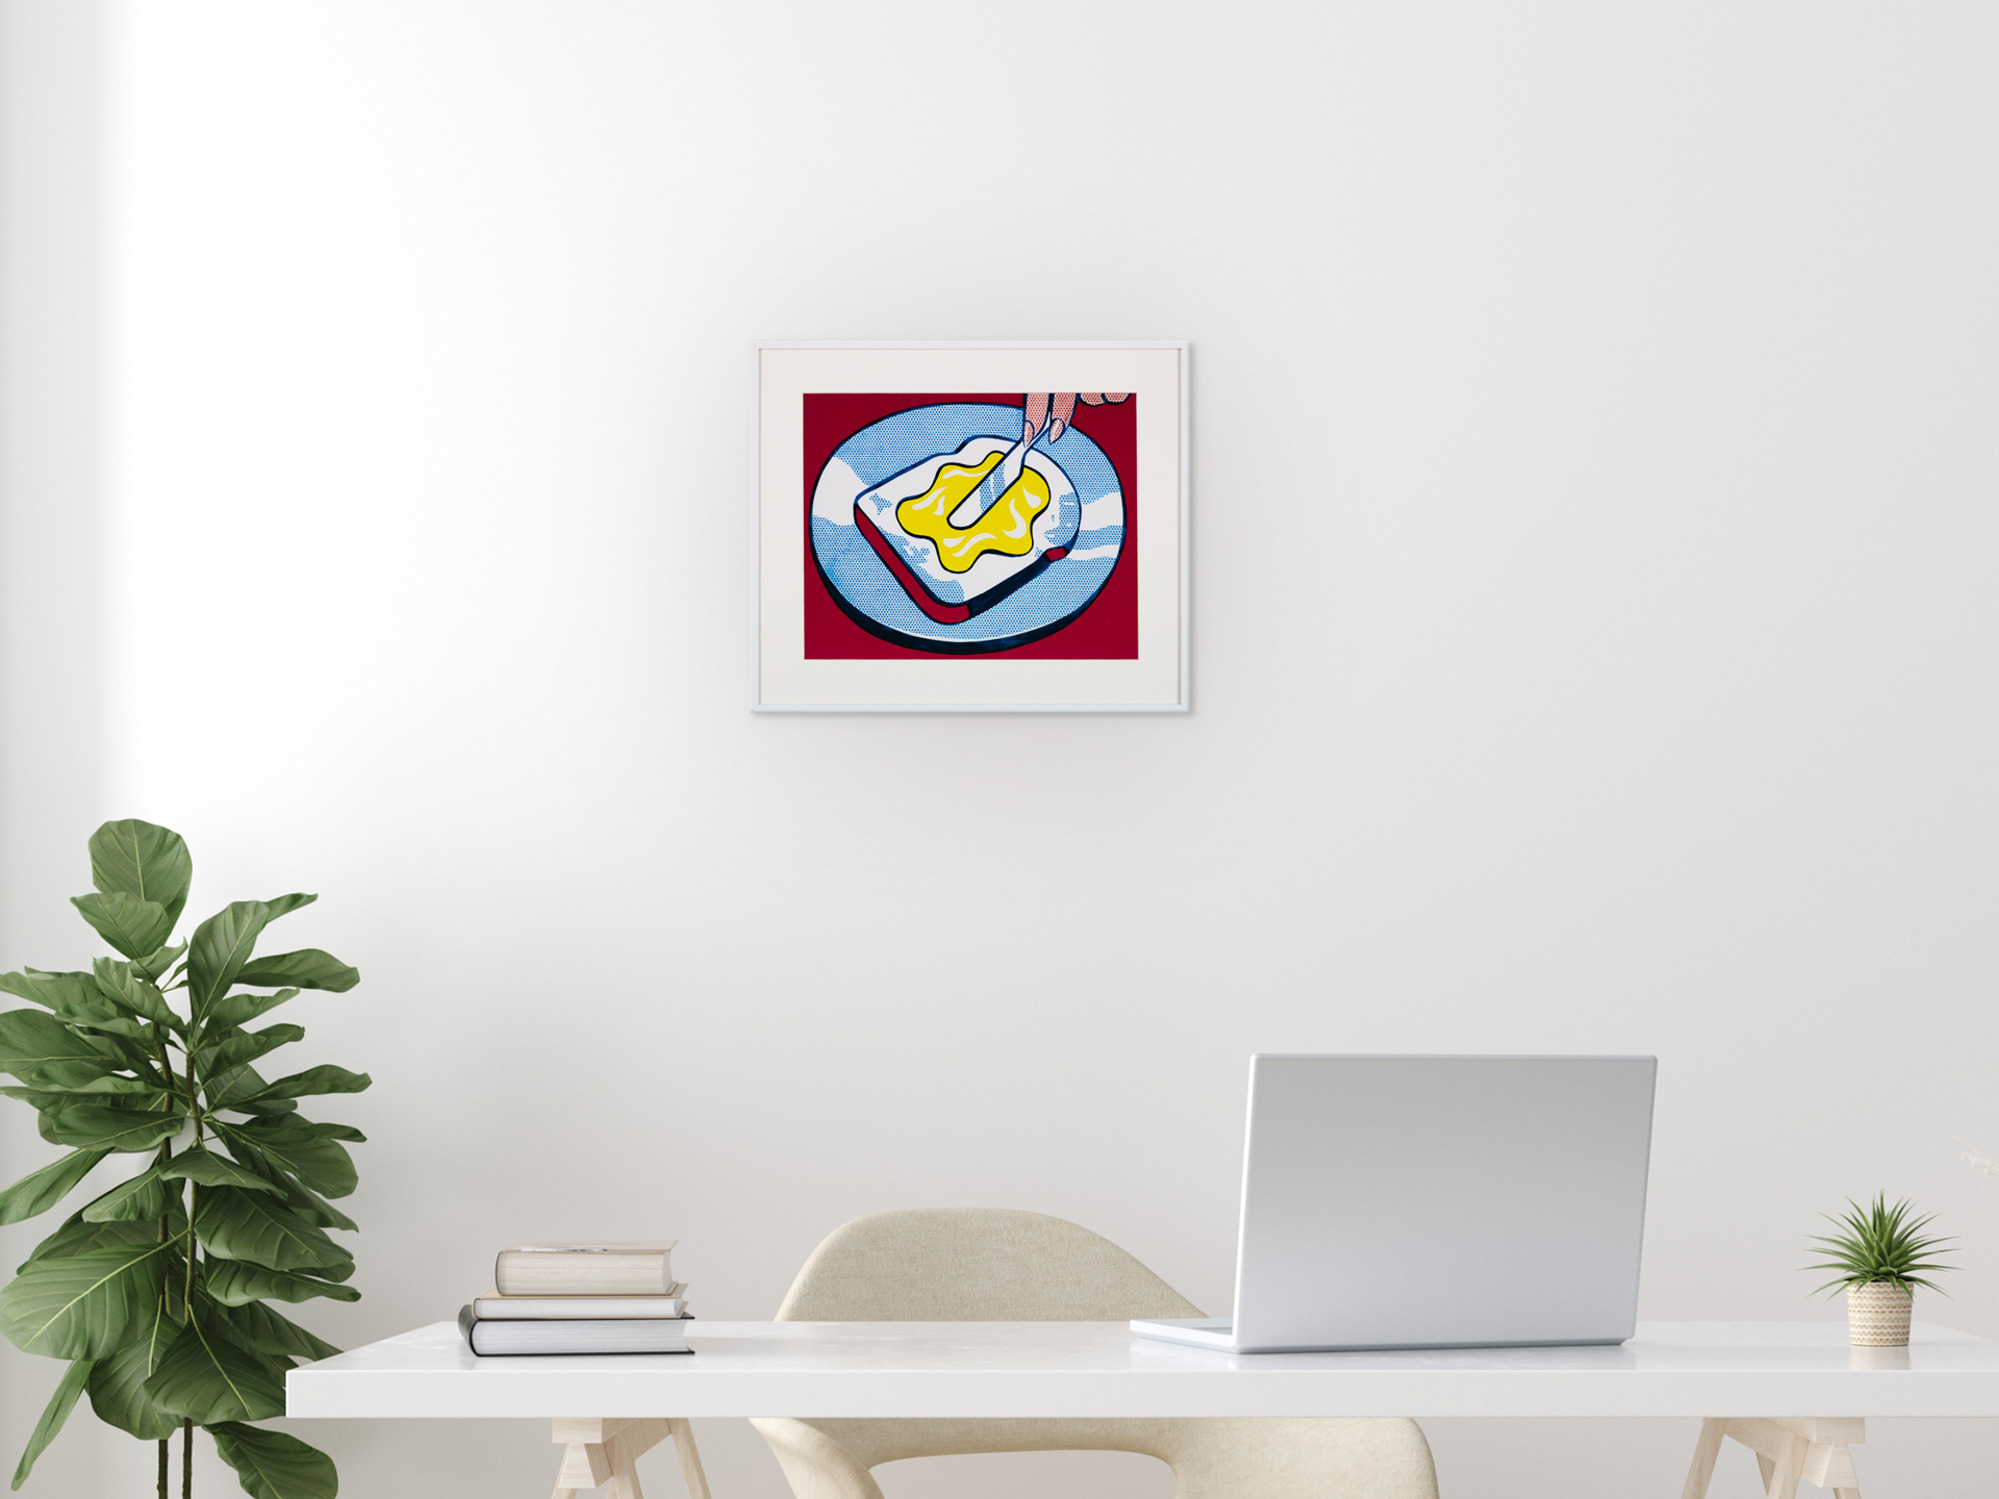 Roy Lichtenstein - Mustard on White 28 X 35.6 Cm Unframed